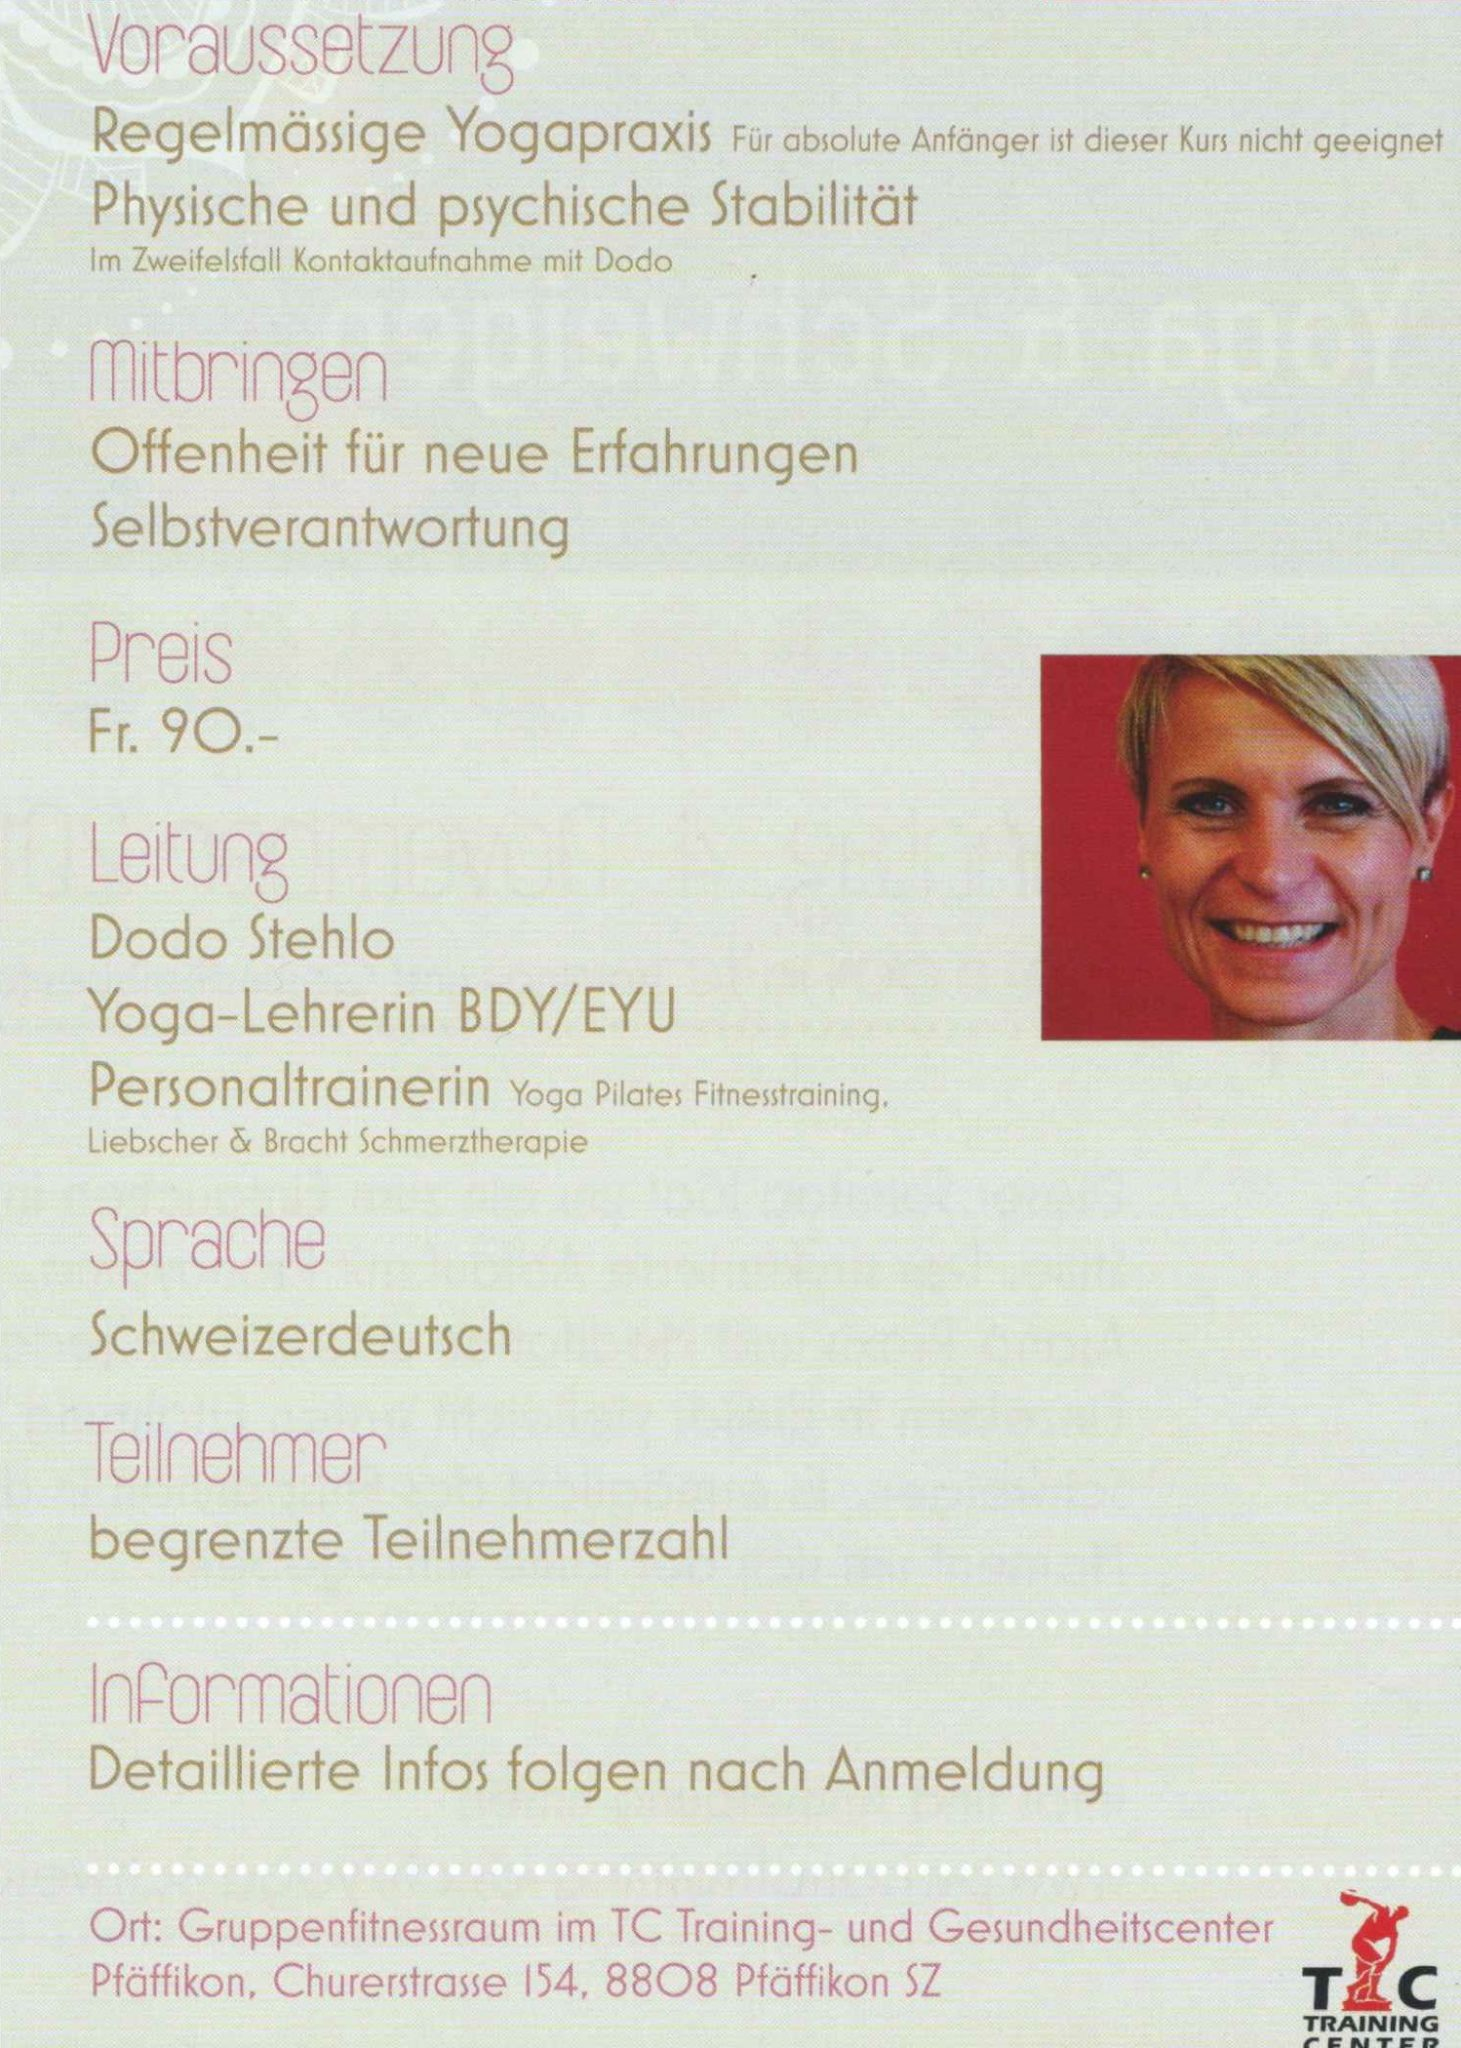 Flyer Rückseite Yoga & Schweigen 2018 mit personaltraining Dodo Stehlo